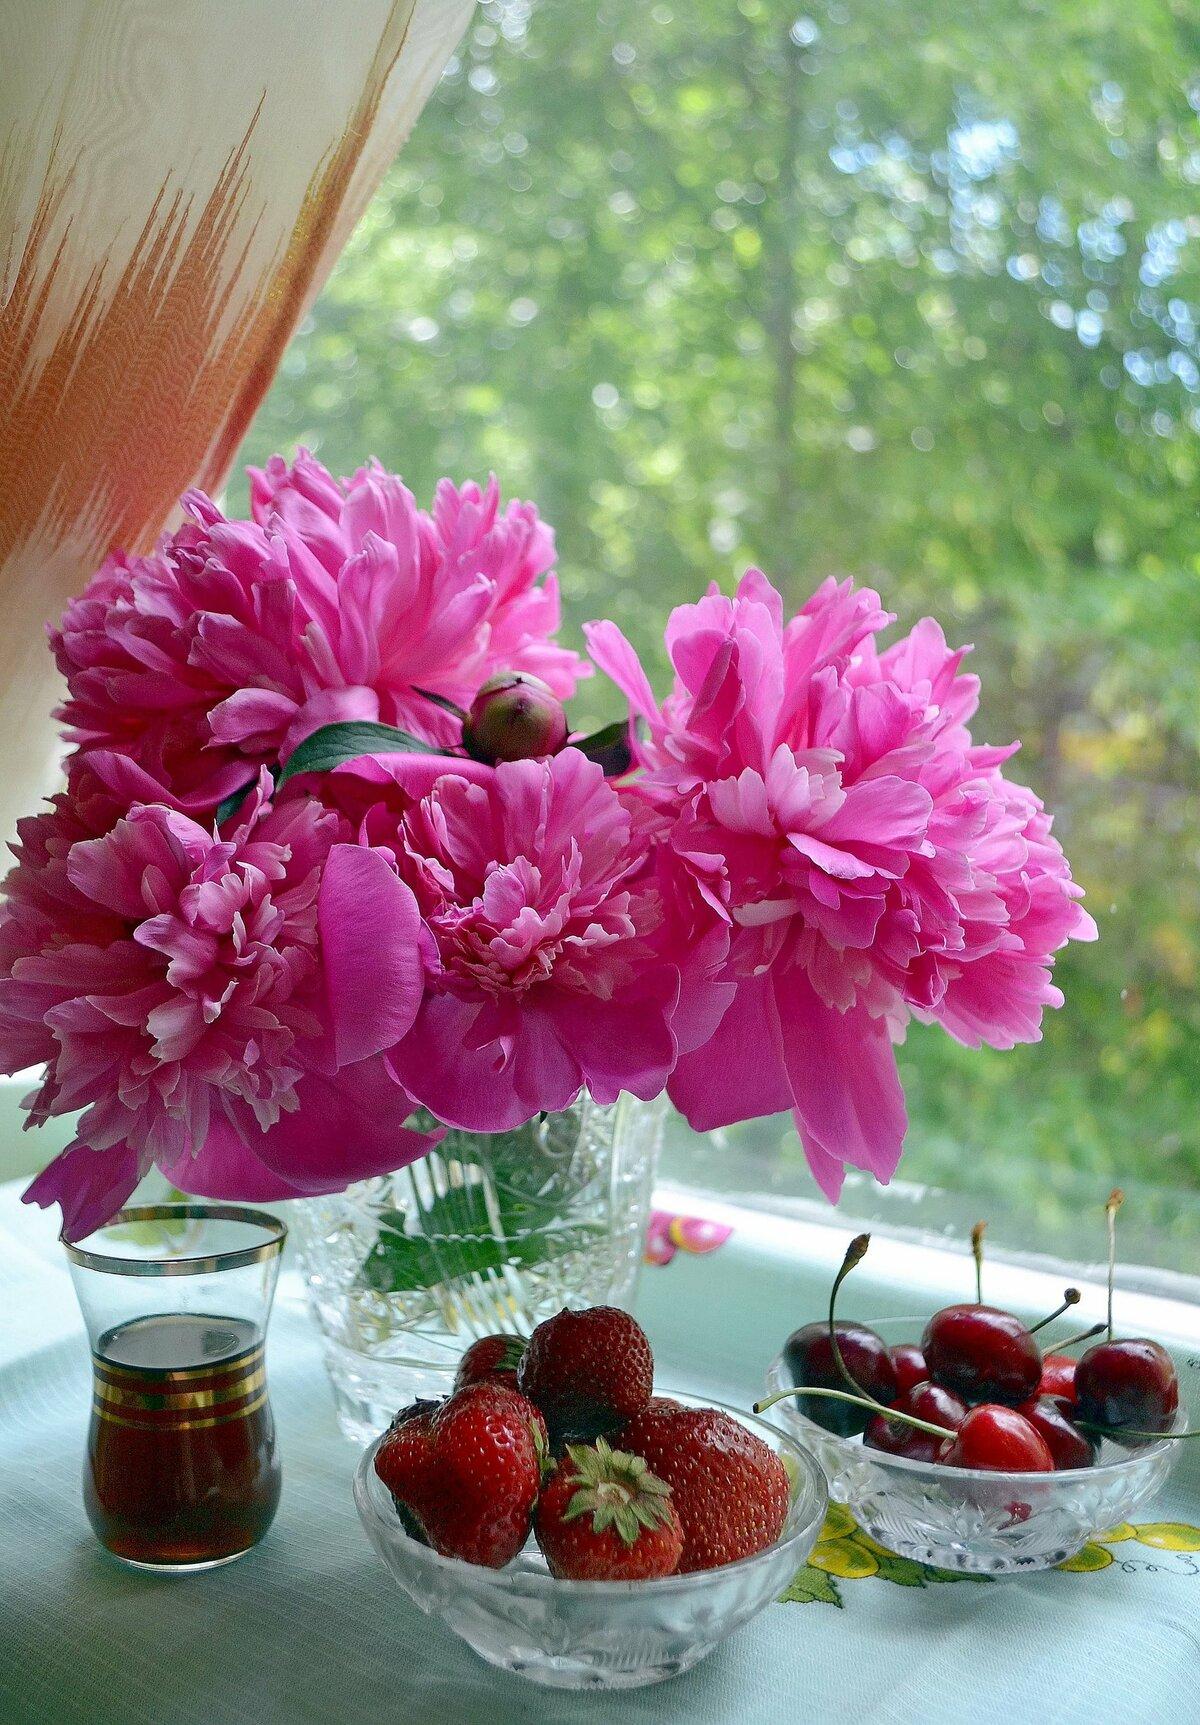 отличаются с добрым утром самые красивые картинки с природой и цветами бурятии сегодня сагаалган